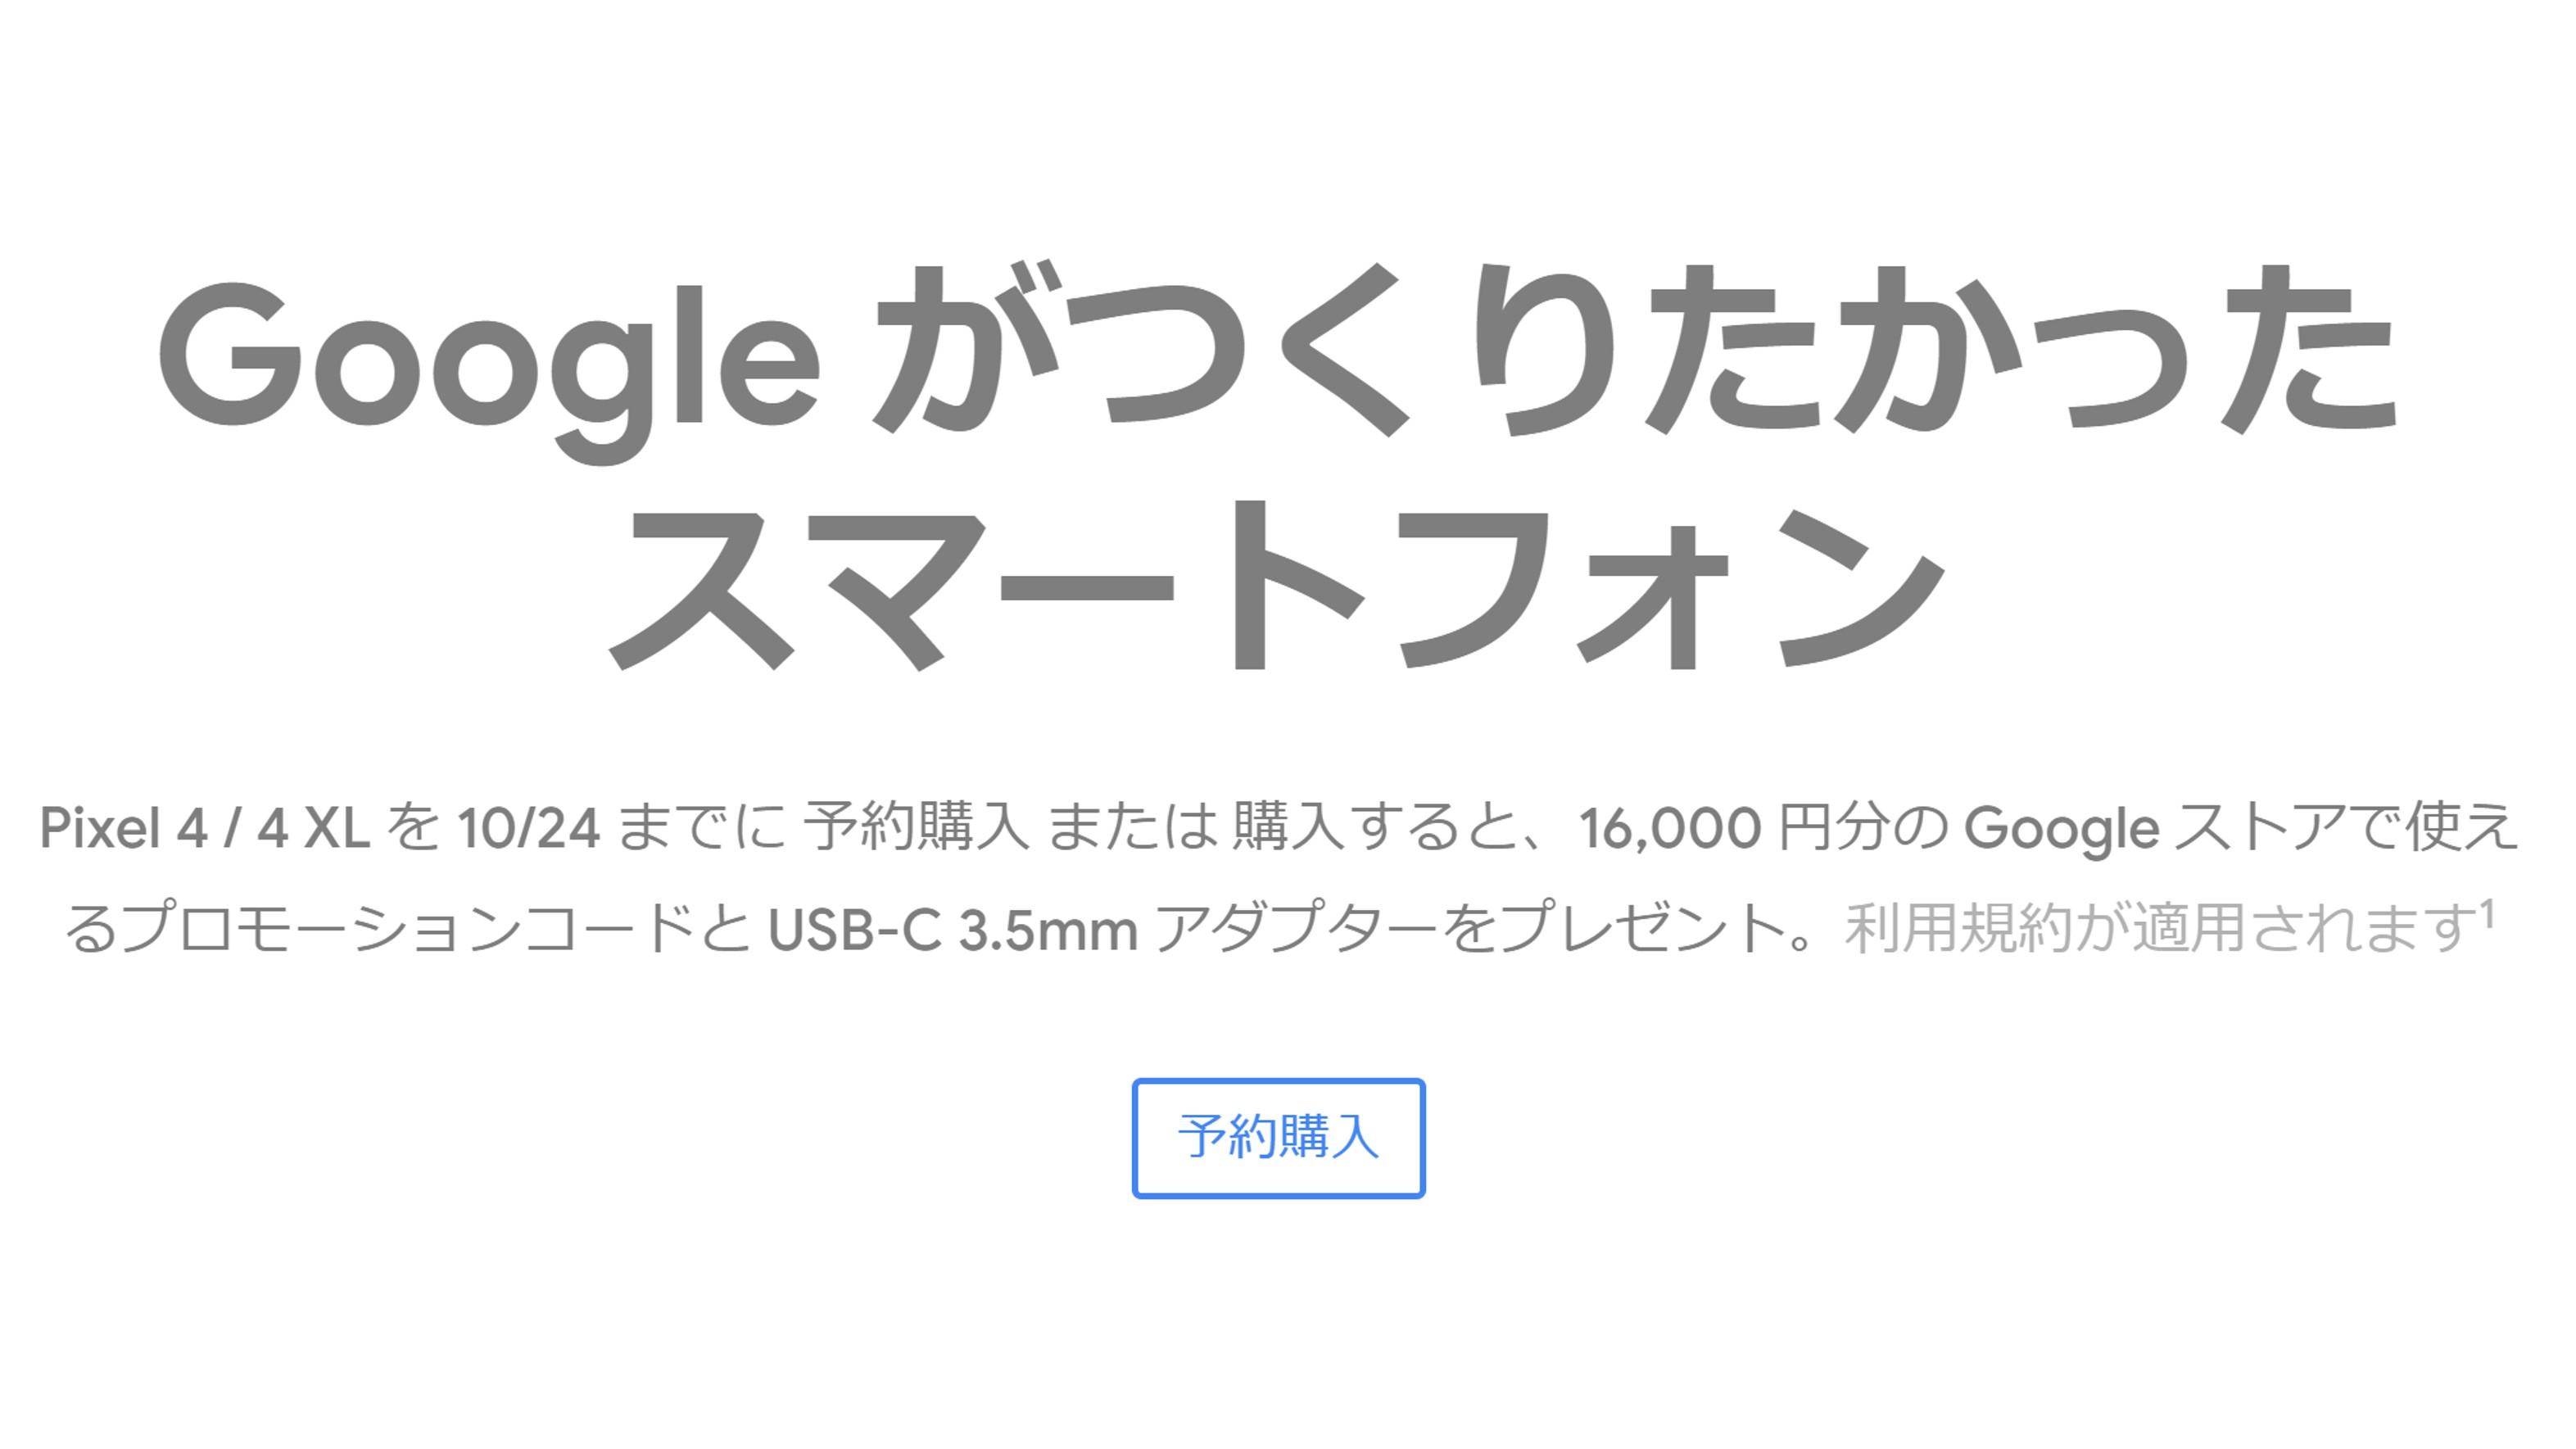 Google Pixel 4/Pixel 4 XLの購入キャンペーン情報